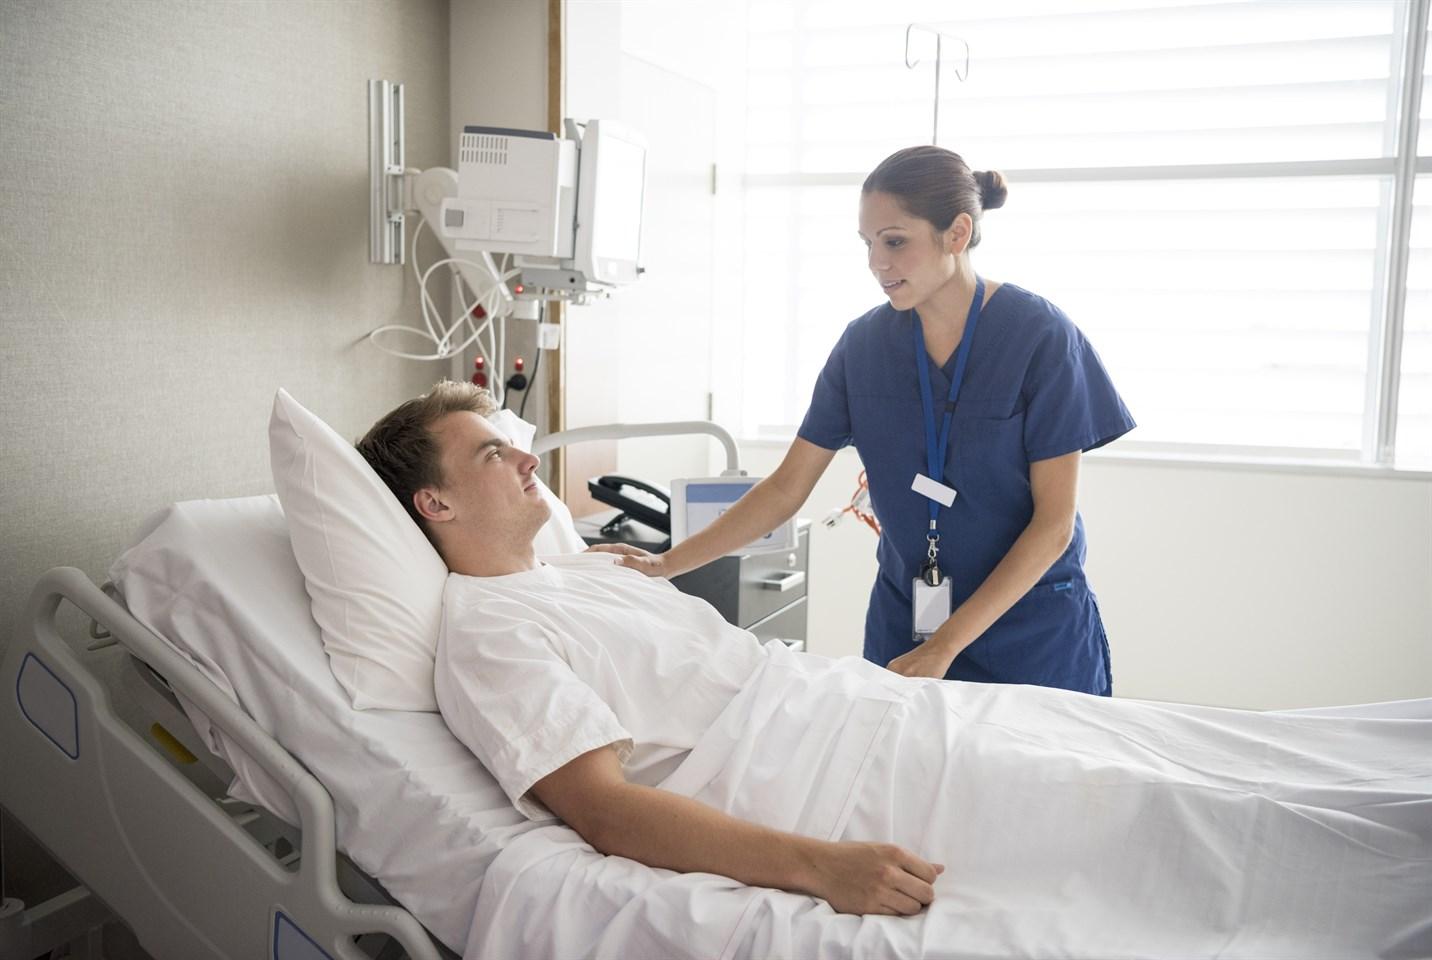 итоге пациент в палате картинка купаешься водах